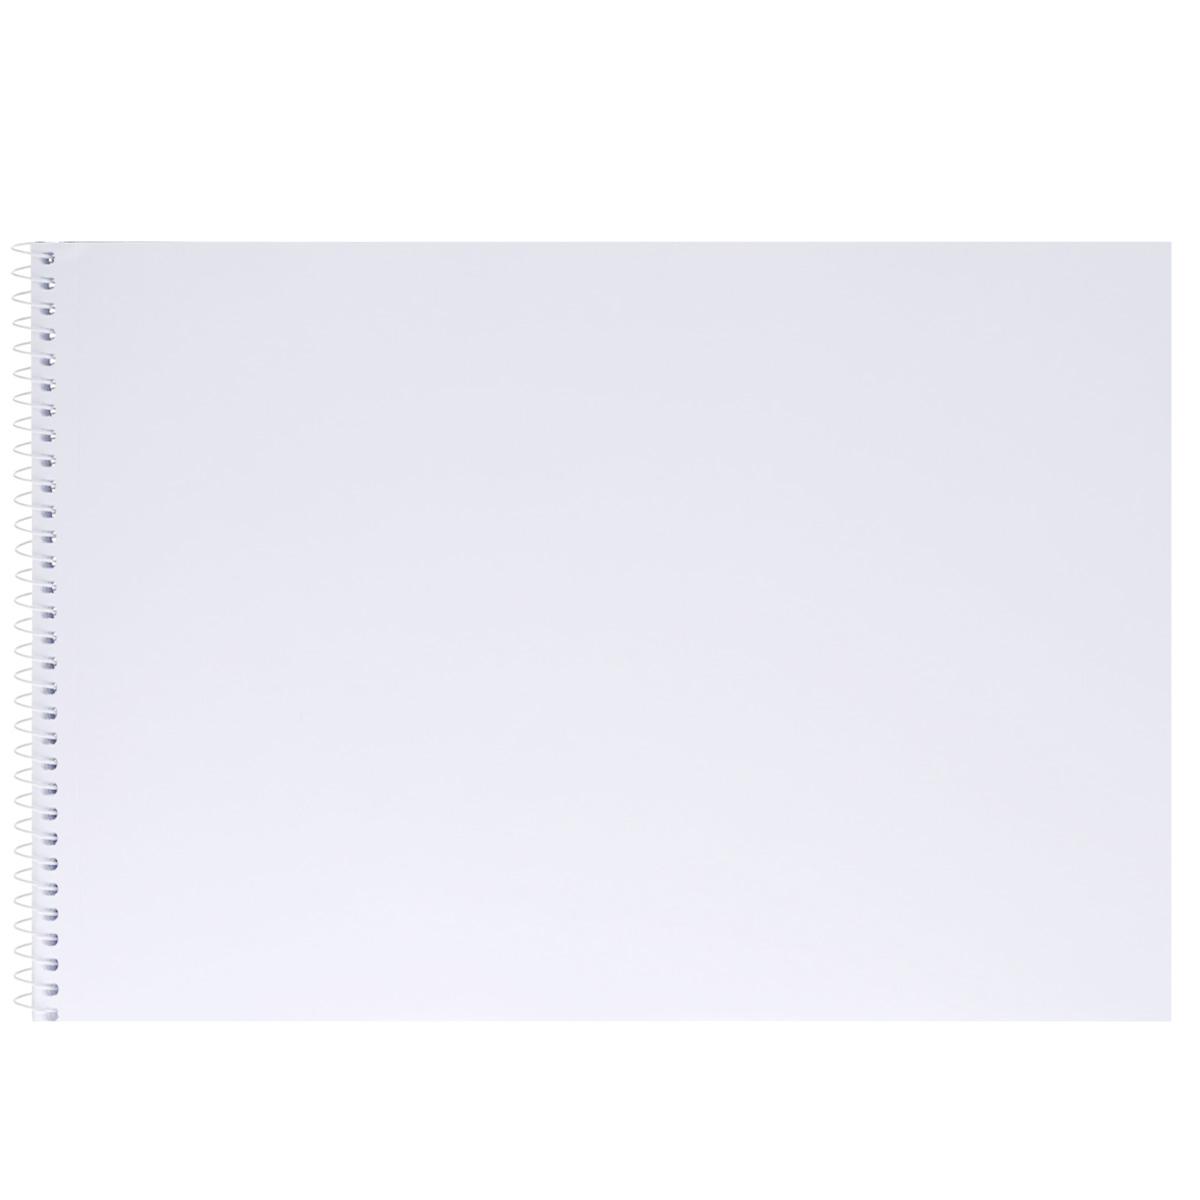 Альбом для рисования на боковой спирали Hatber HD Прекрасные цветы премиум класса непременно порадует маленького художника и вдохновит его на творчество. Альбом изготовлен из шелковисто-матовой бумаги с обложкой из мелованного картона, оформленной оригинальным рисунком с цветов.  В альбоме 48 листов. Высокое качество бумаги позволяет рисовать в альбоме карандашами, фломастерами, акварельными и гуашевыми красками. Рисование позволяет ребенку развивать творческие способности, кроме того, это увлекательный досуг.  Способ крепления листов - спираль. Жесткая подложка. Перфорация листов.  Альбом на спирали позволяет долгие годы хранить памятные рисунки, ведь их так просто удалить из альбома и поместить в рамку.